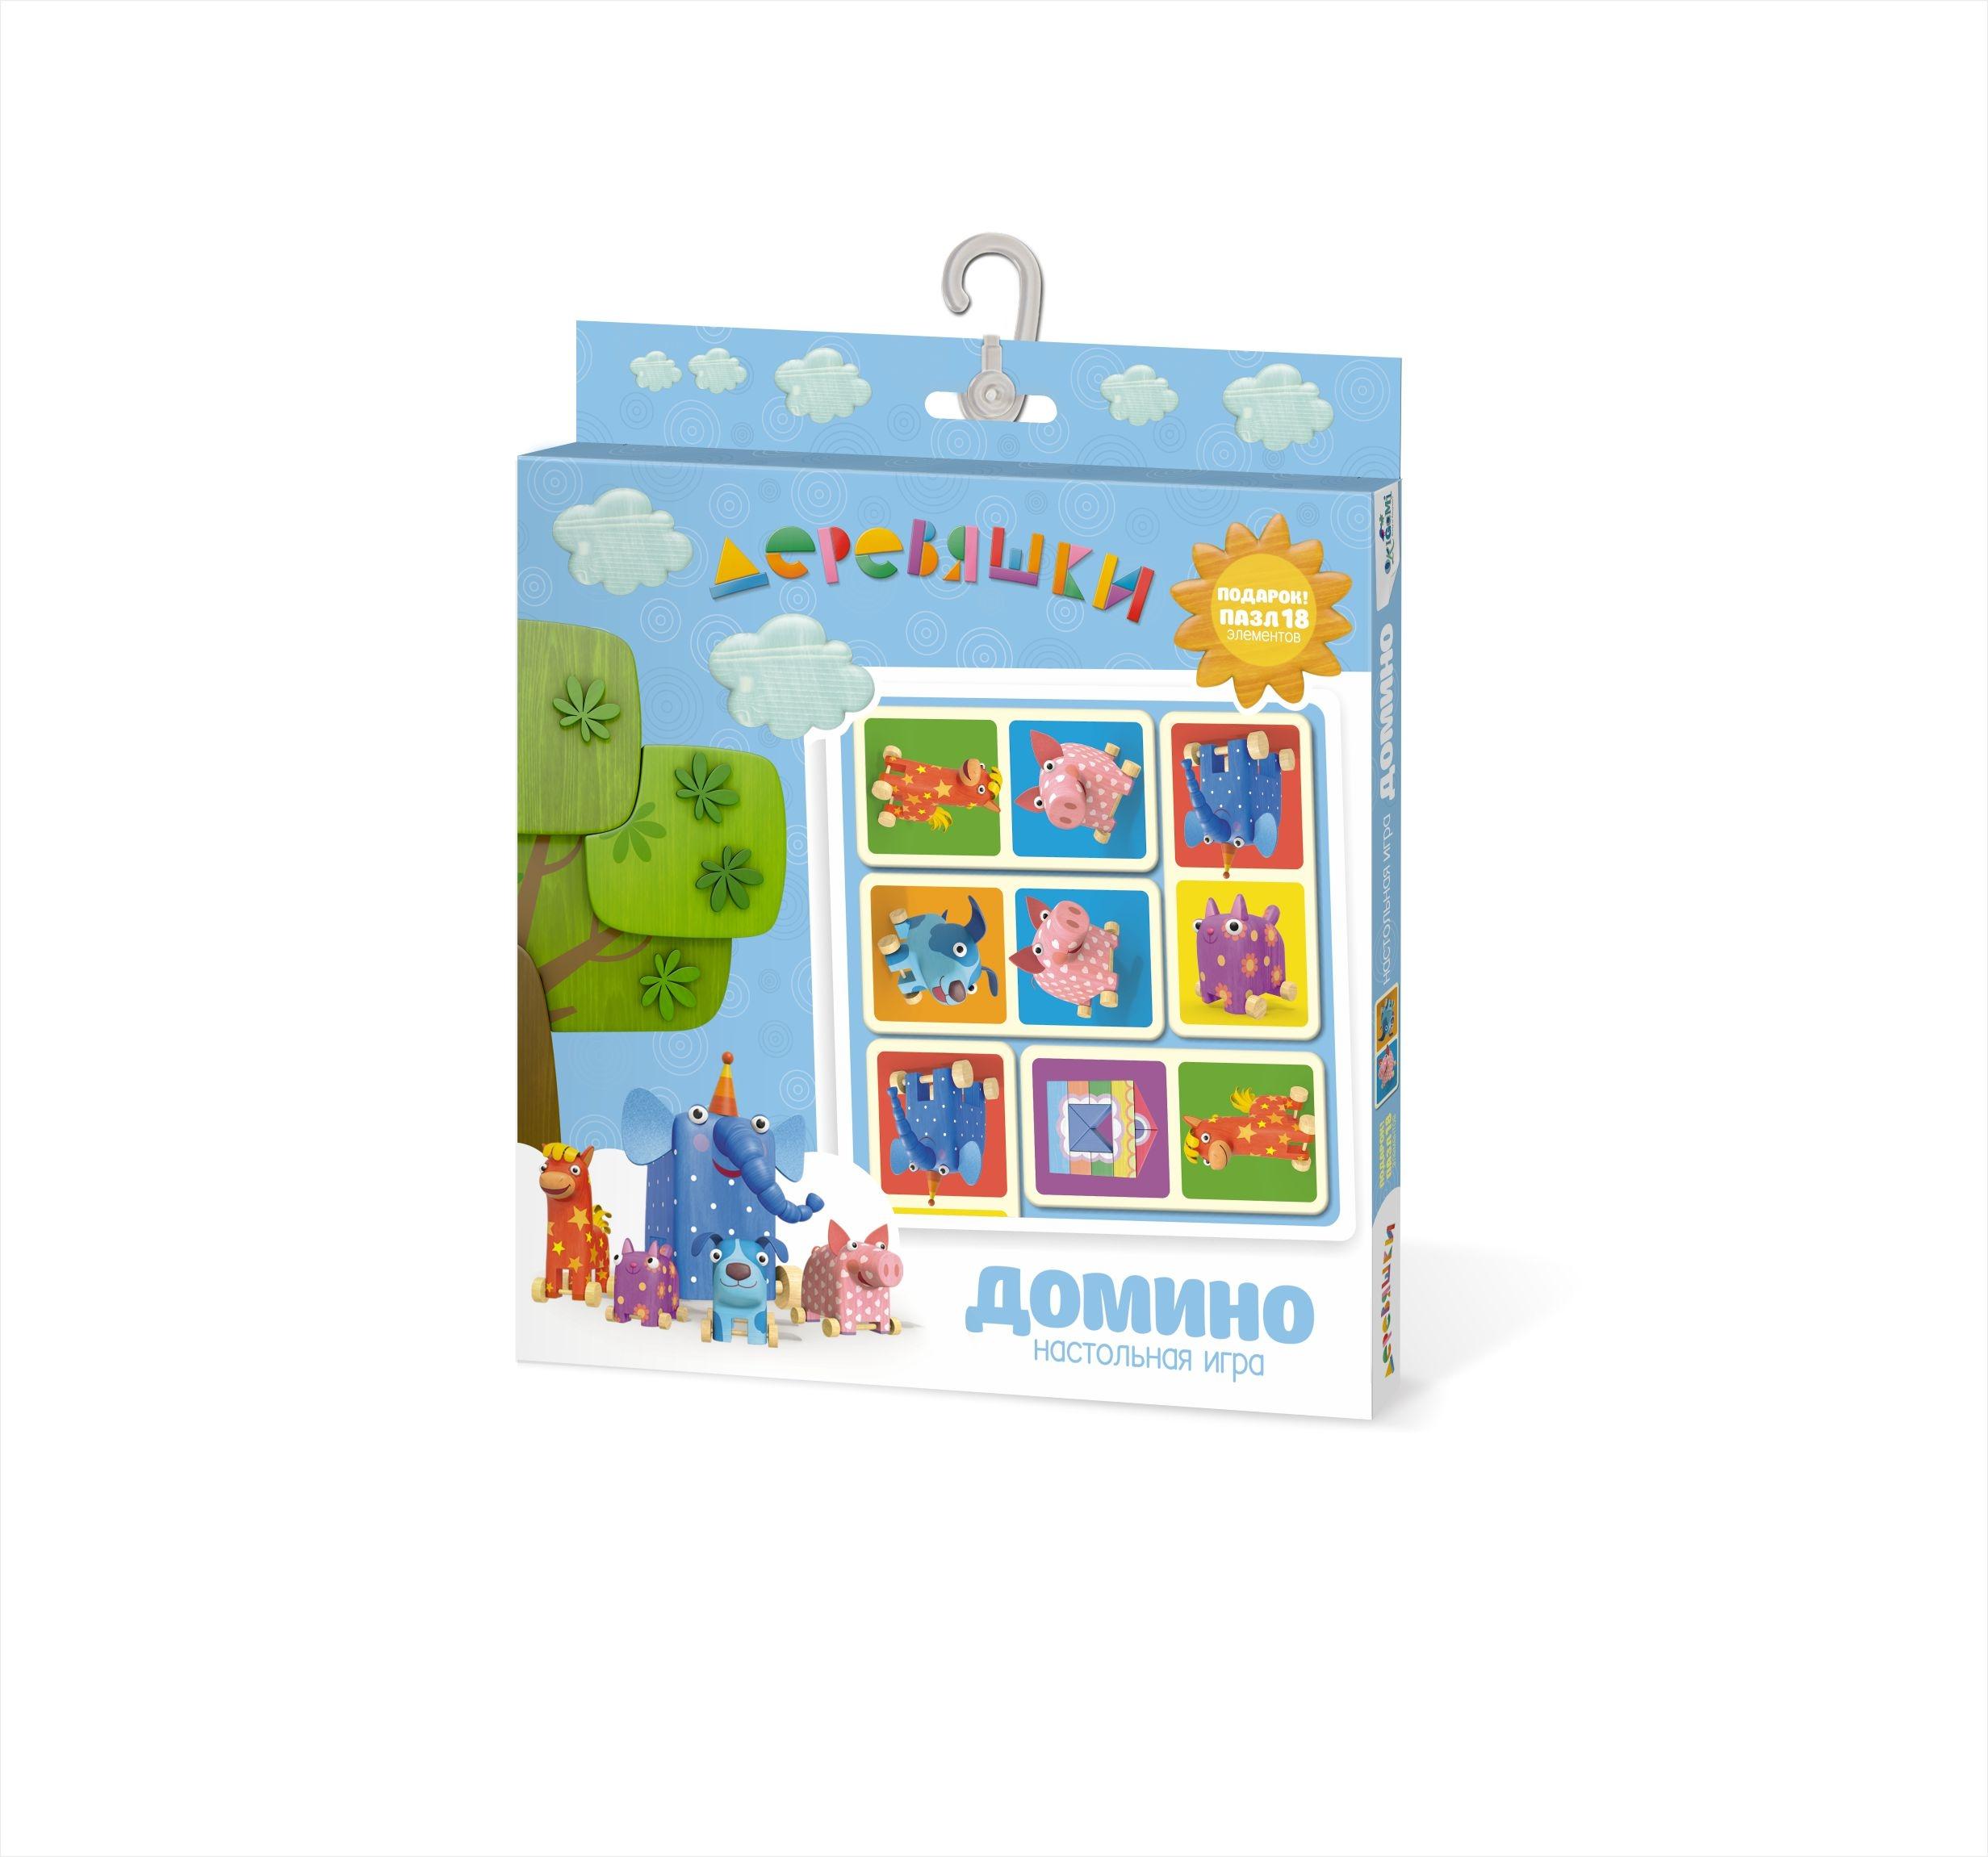 Настольная игра Origami Деревяшки. Домино 04532 настольная игра стратегическая origami миллионер юниор 00110